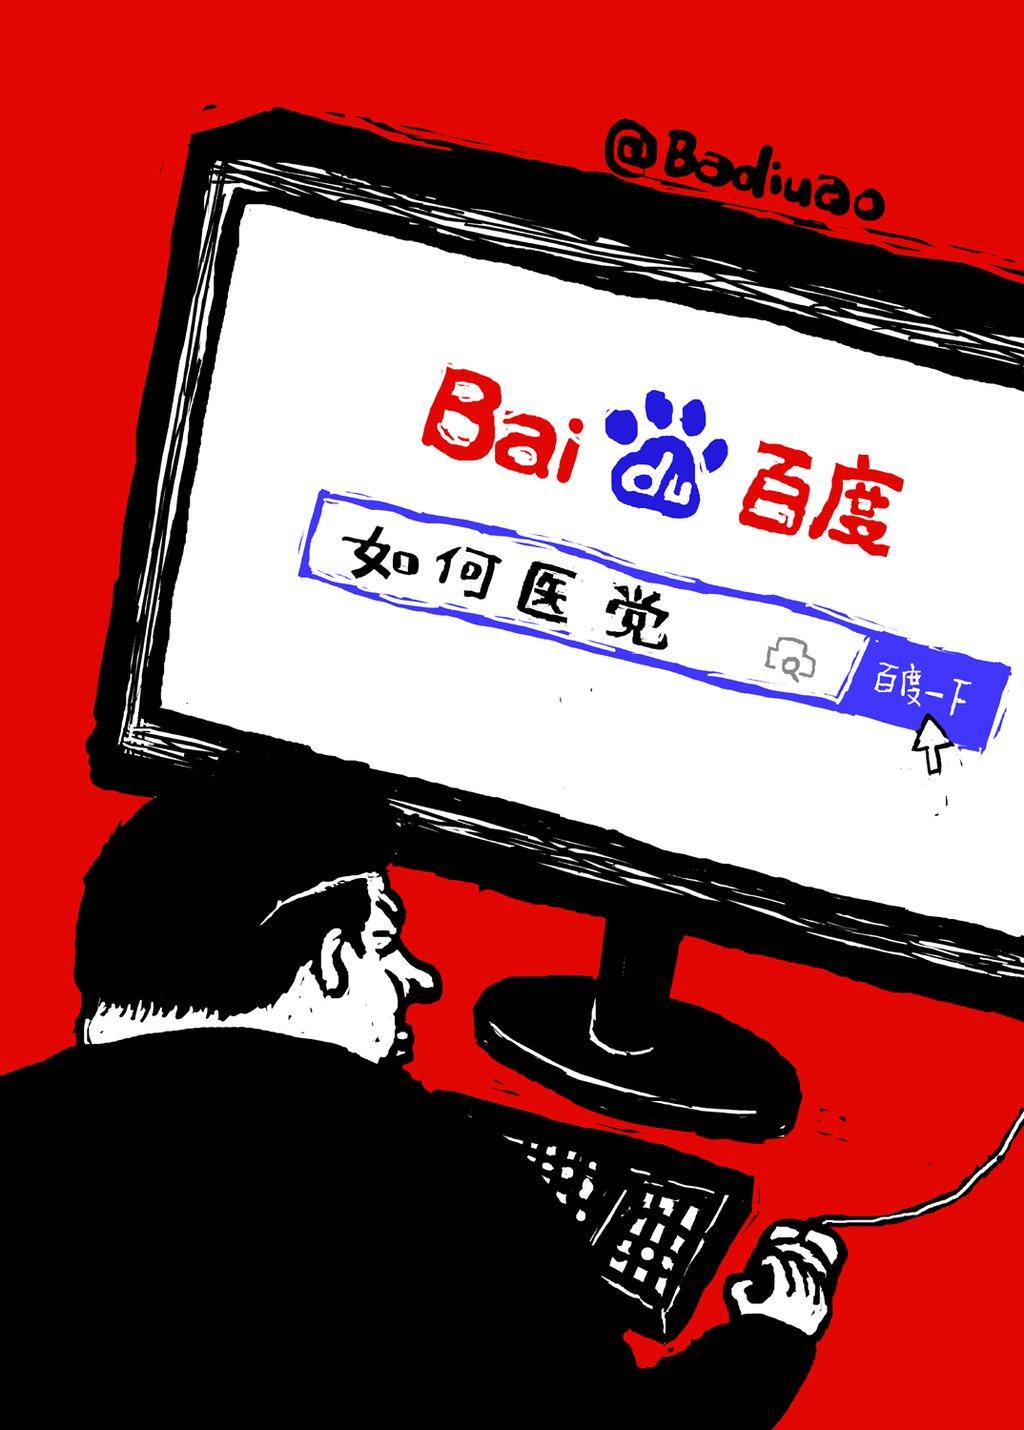 金融界 | 李彦宏:中国用户愿意用隐私换效率